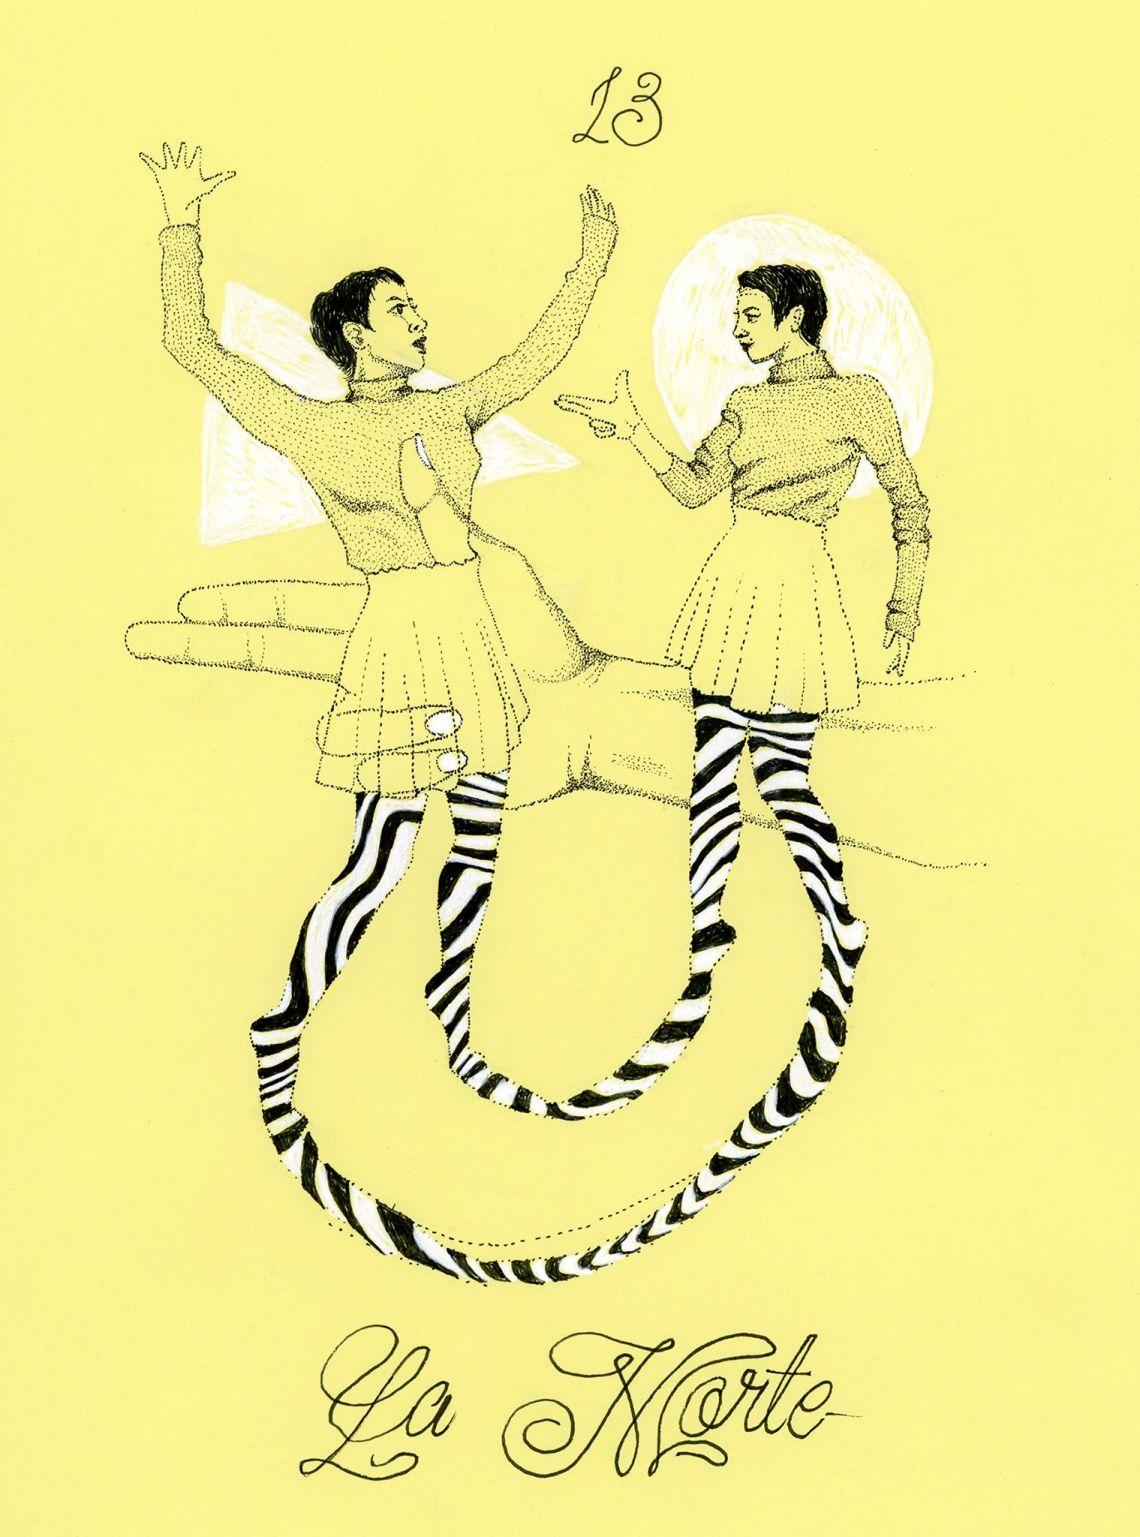 tarocchi illustrazione elena corsaro